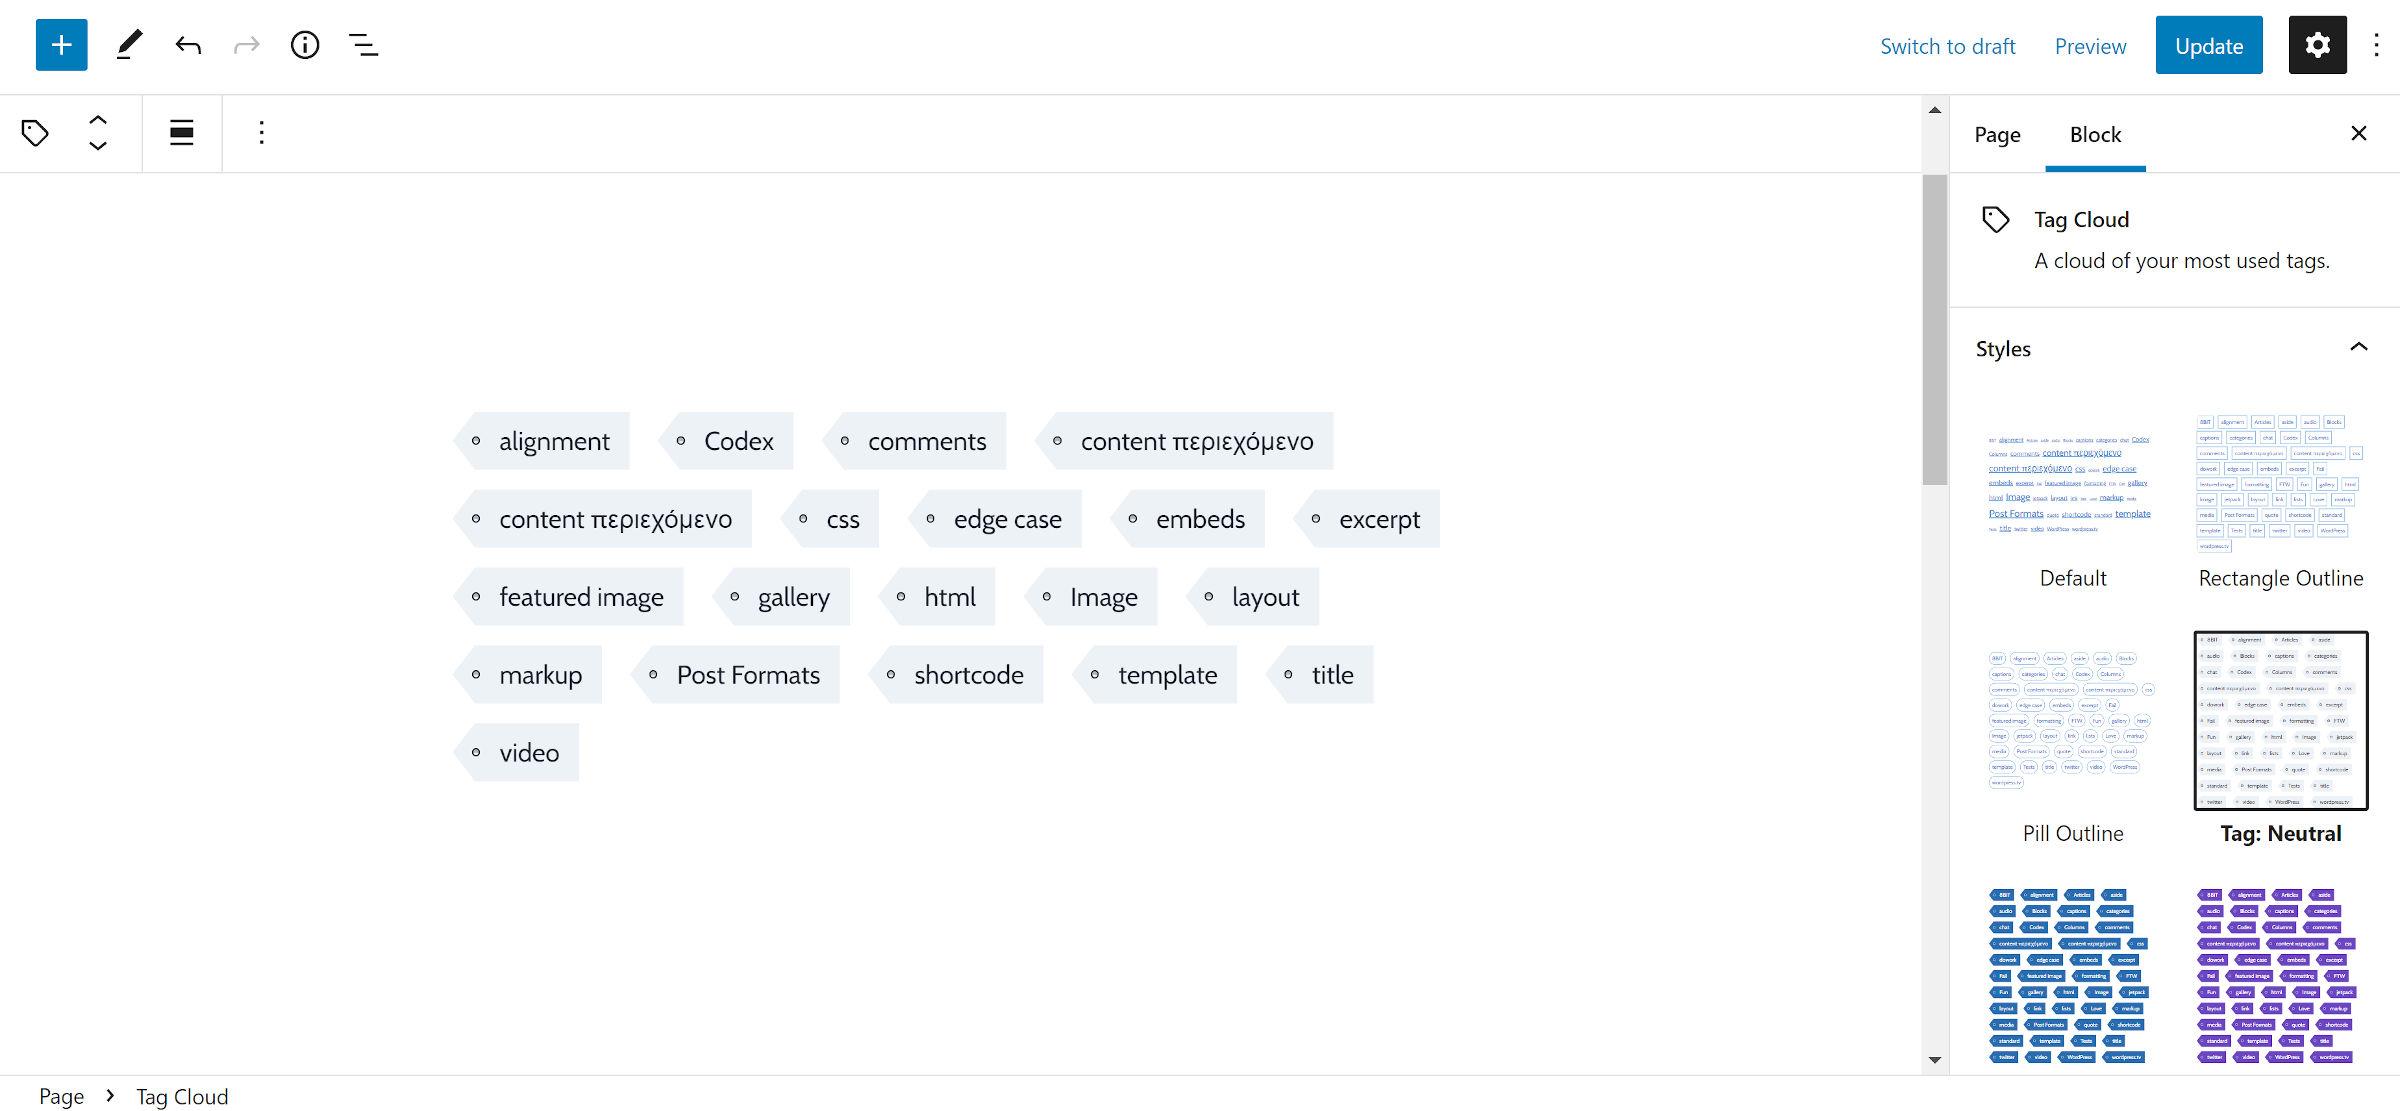 Style de balise/étiquette comme vous le verriez dans les achats conçus autour de balises de publication individuelles dans le bloc Tag Cloud.